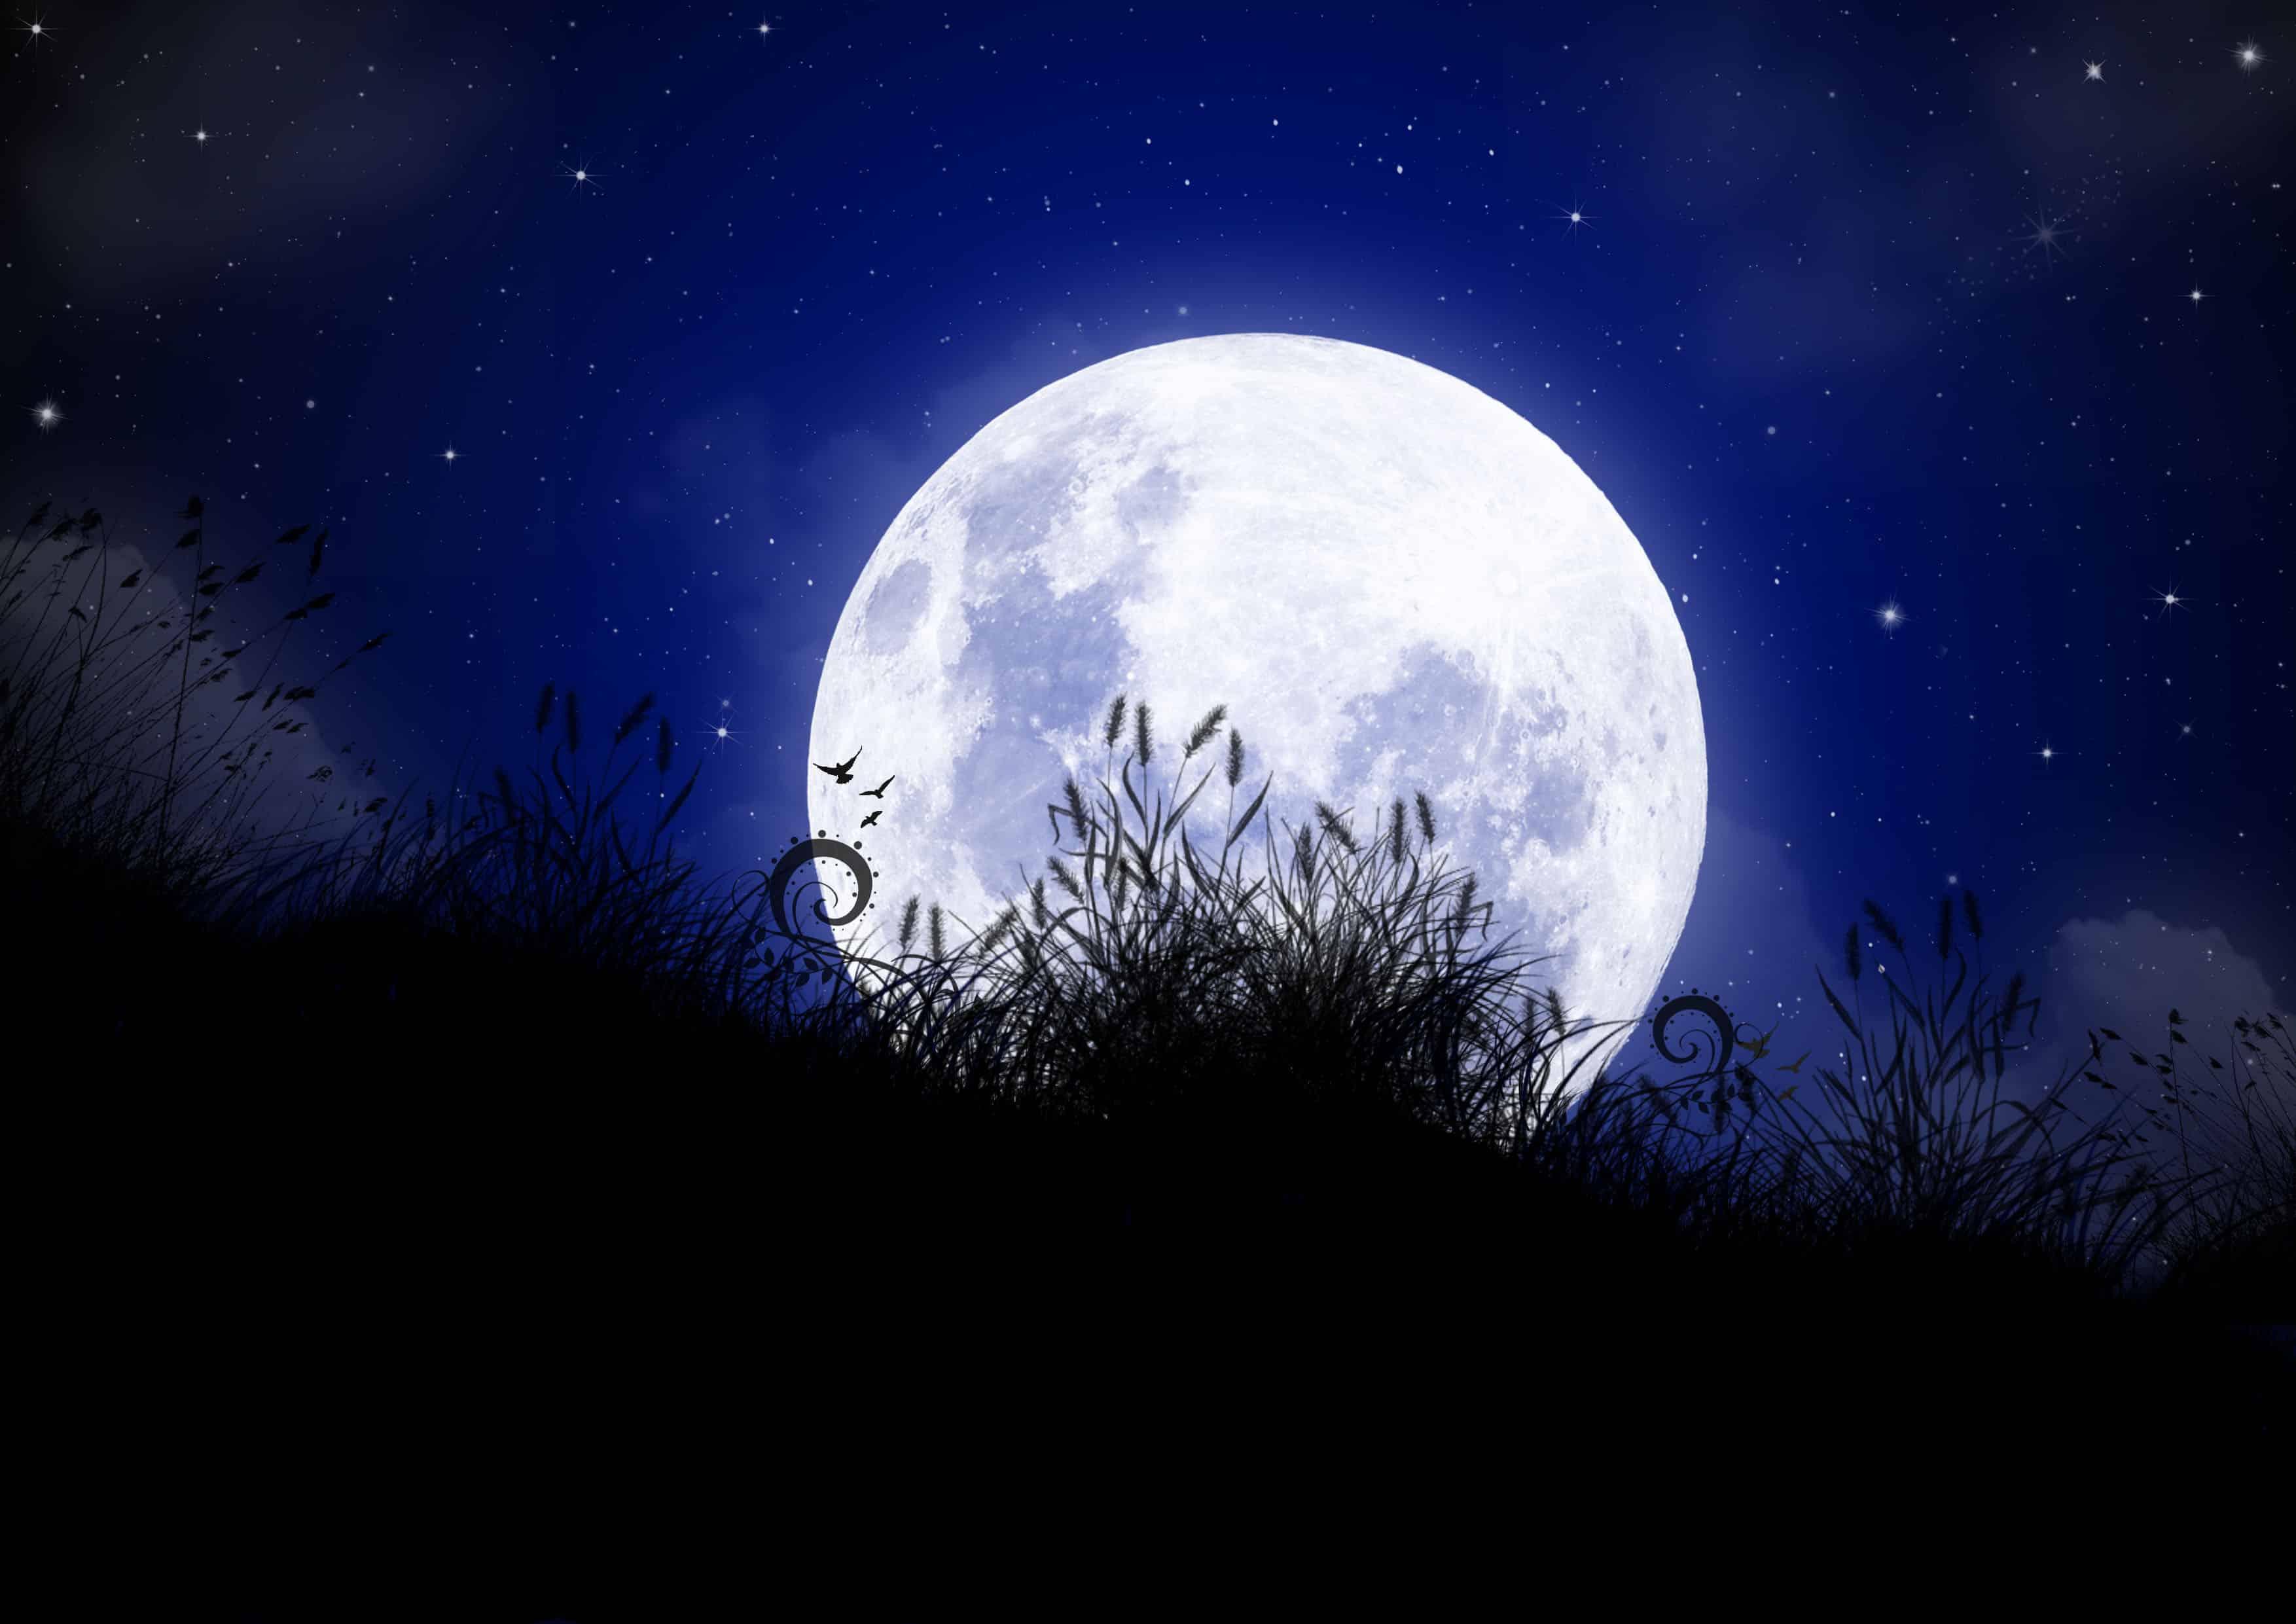 le biberon de bébé la nuit, un moment magique !